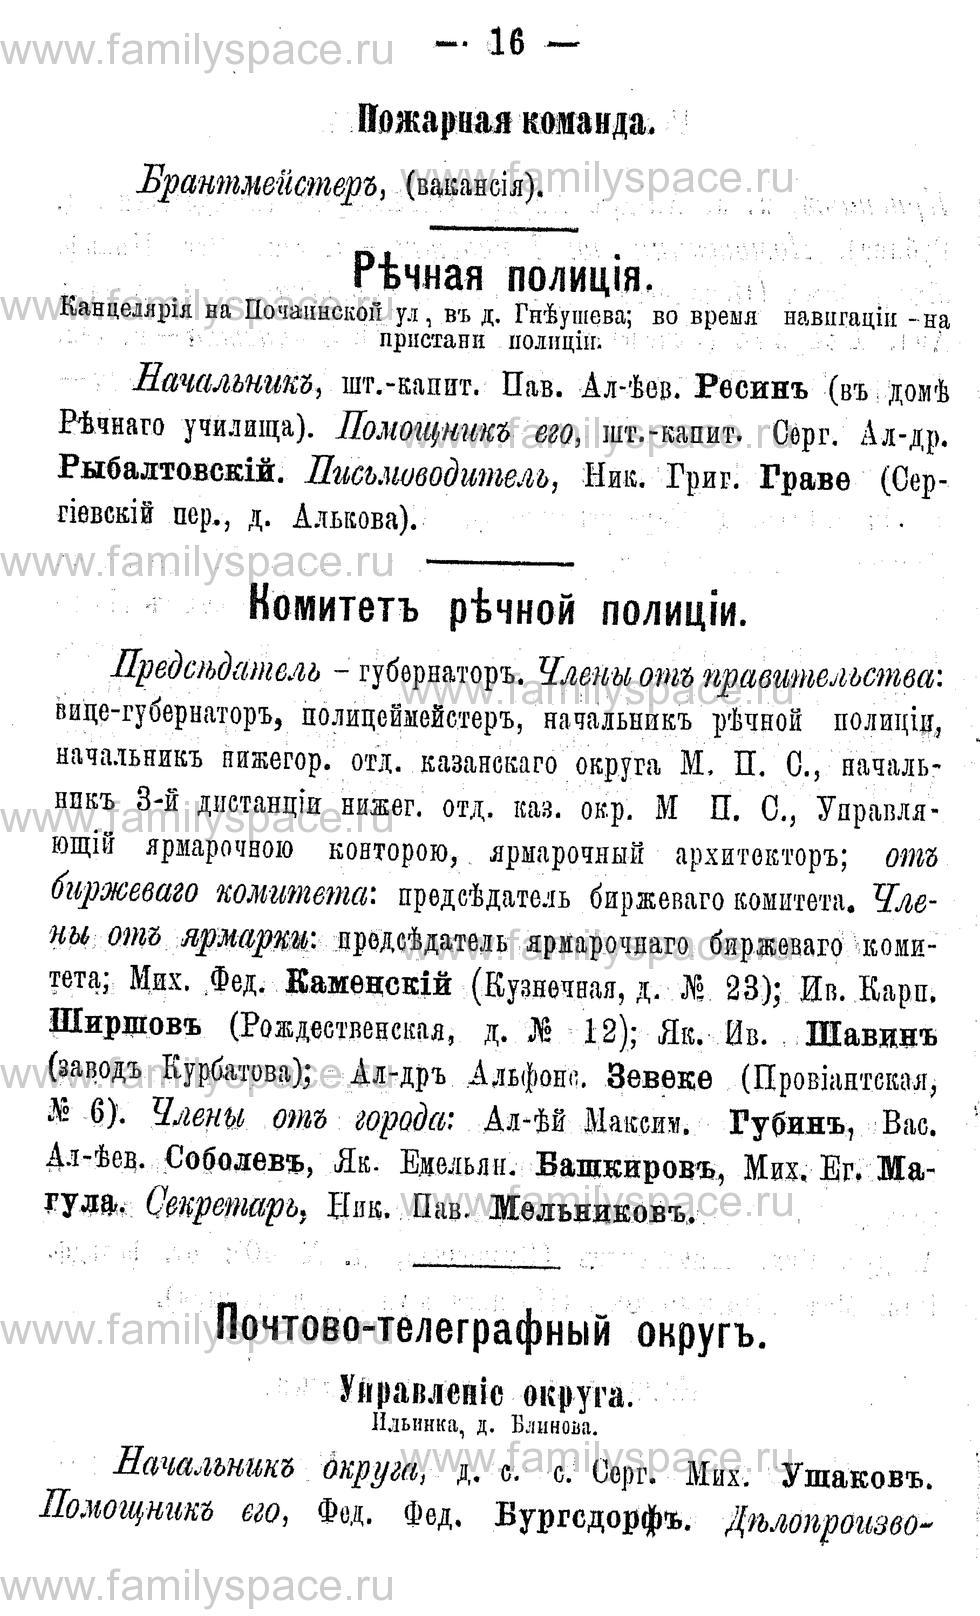 Поиск по фамилии - Адрес-календарь Нижегородской губернии на 1891 год, страница 16